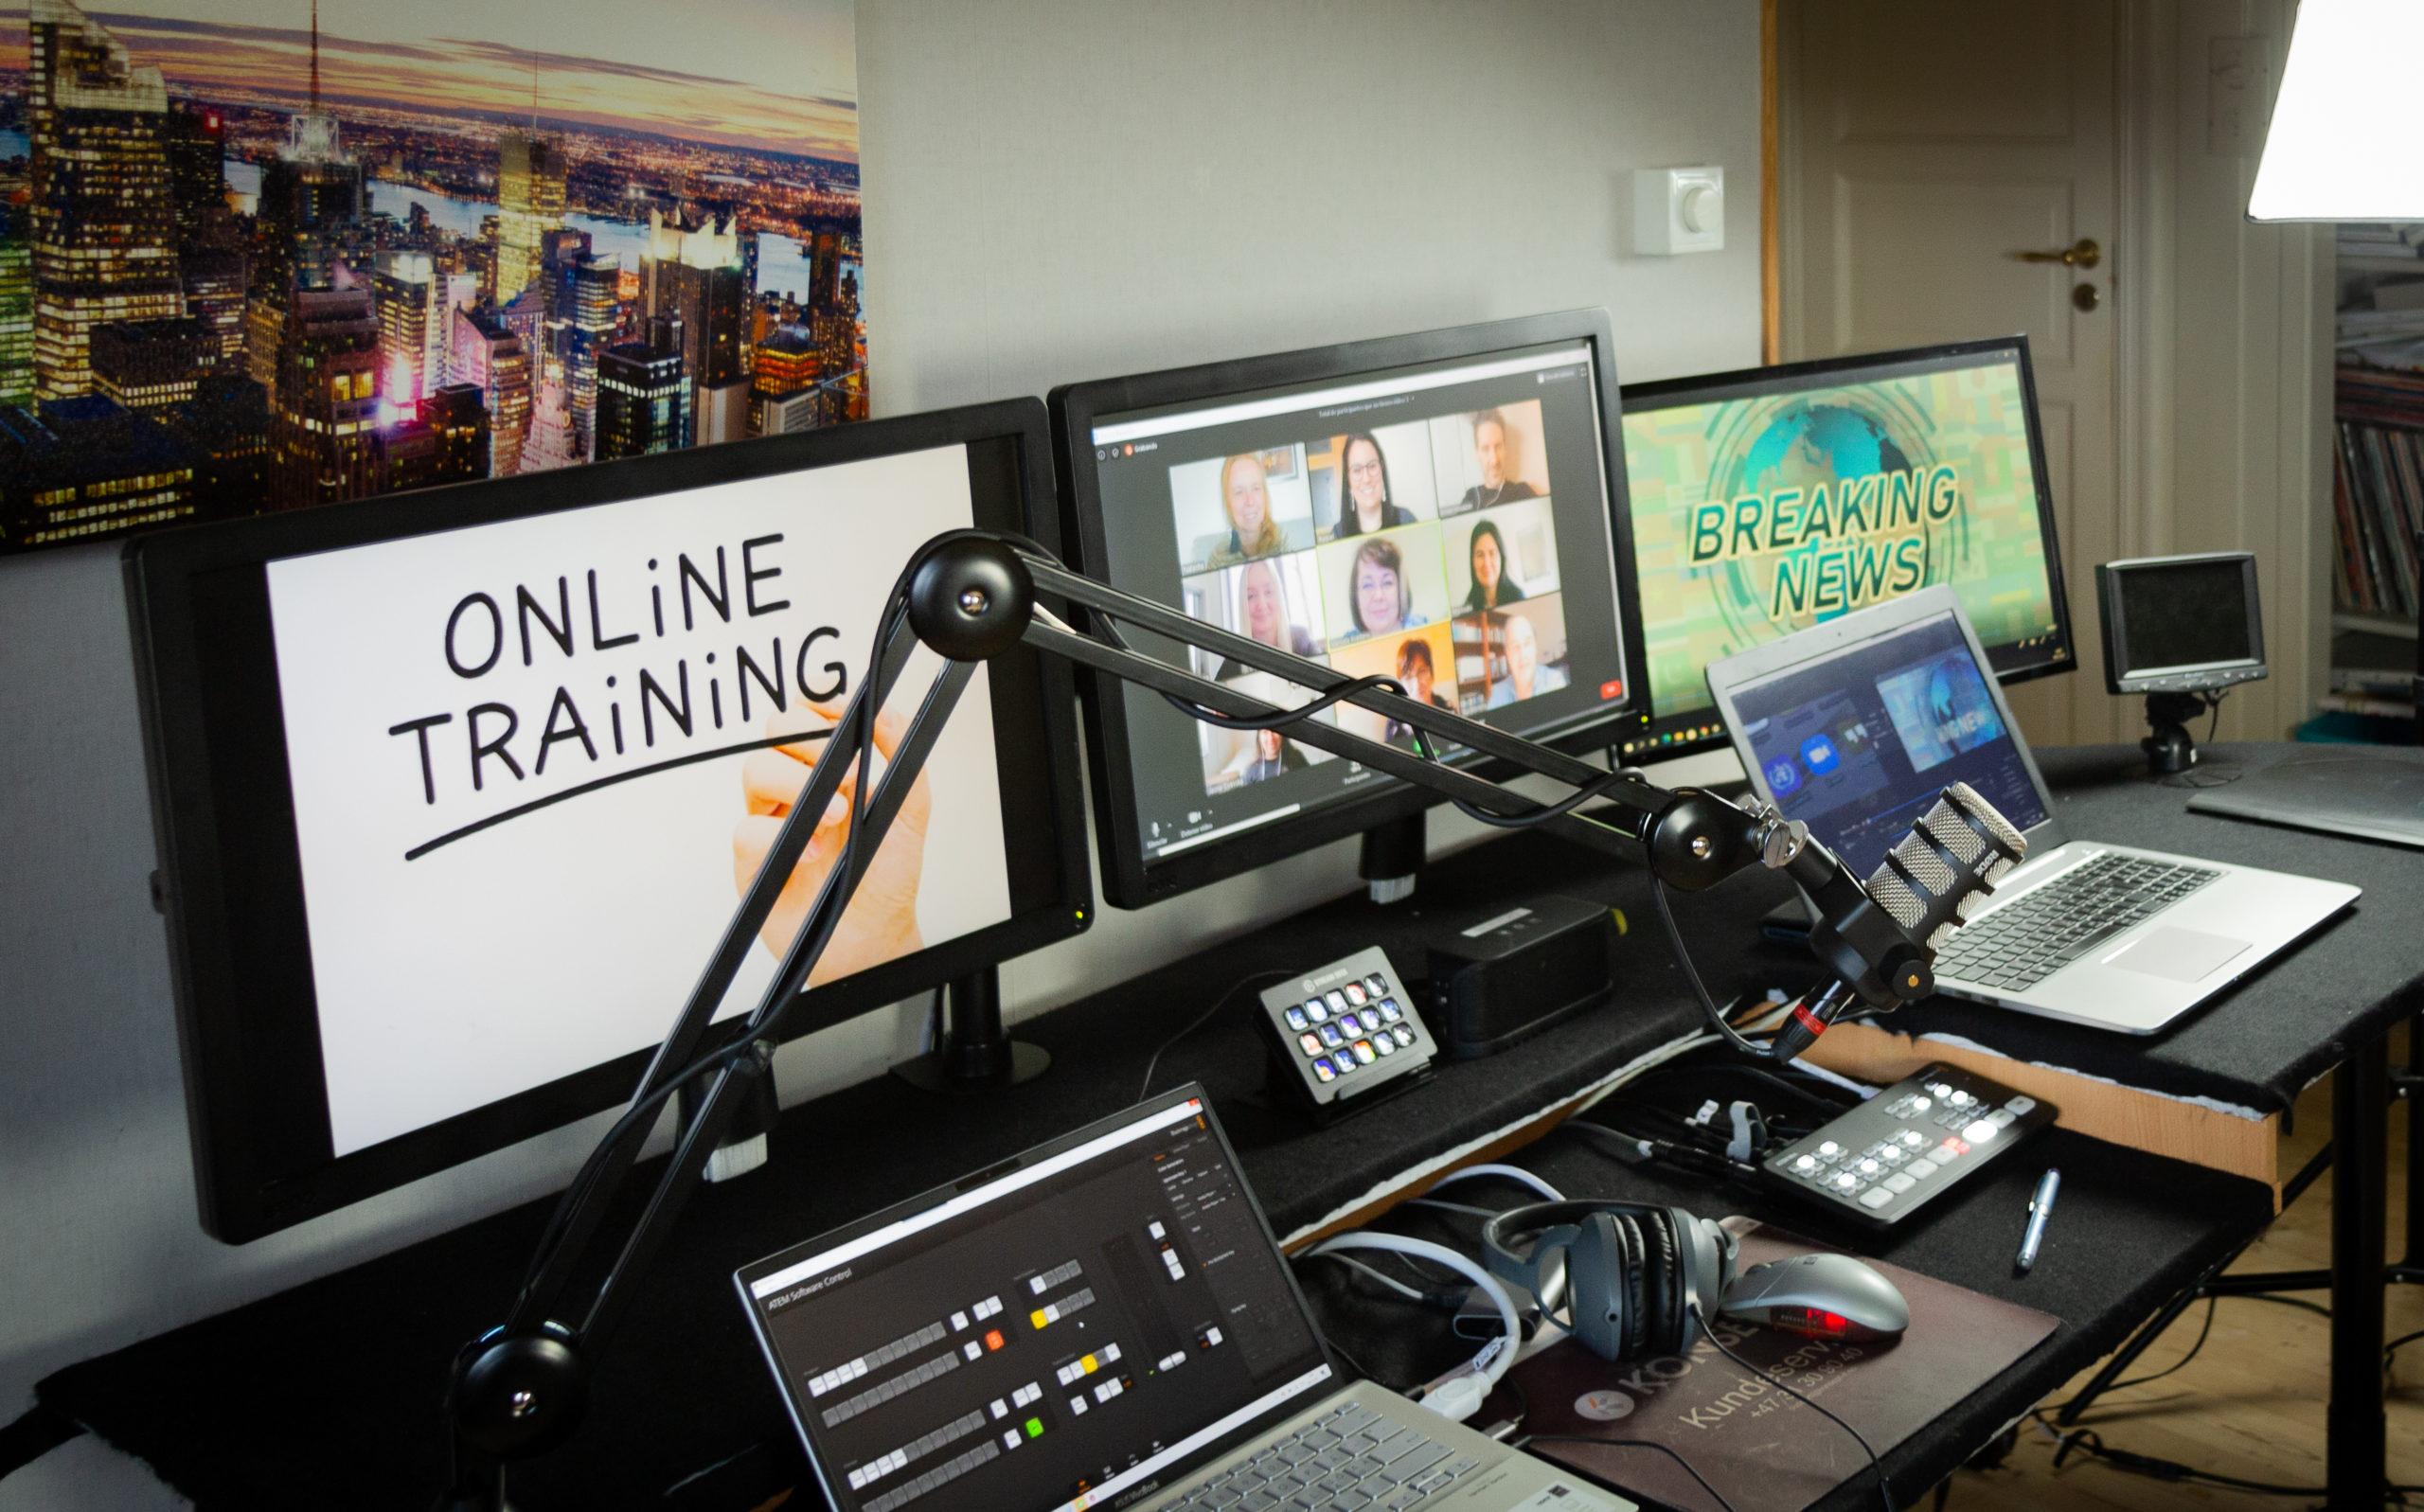 Når man streamer et arrangement på nett, vil deltakelsen blir høyere, kostnadene lavere og utbyttet blir det samme.